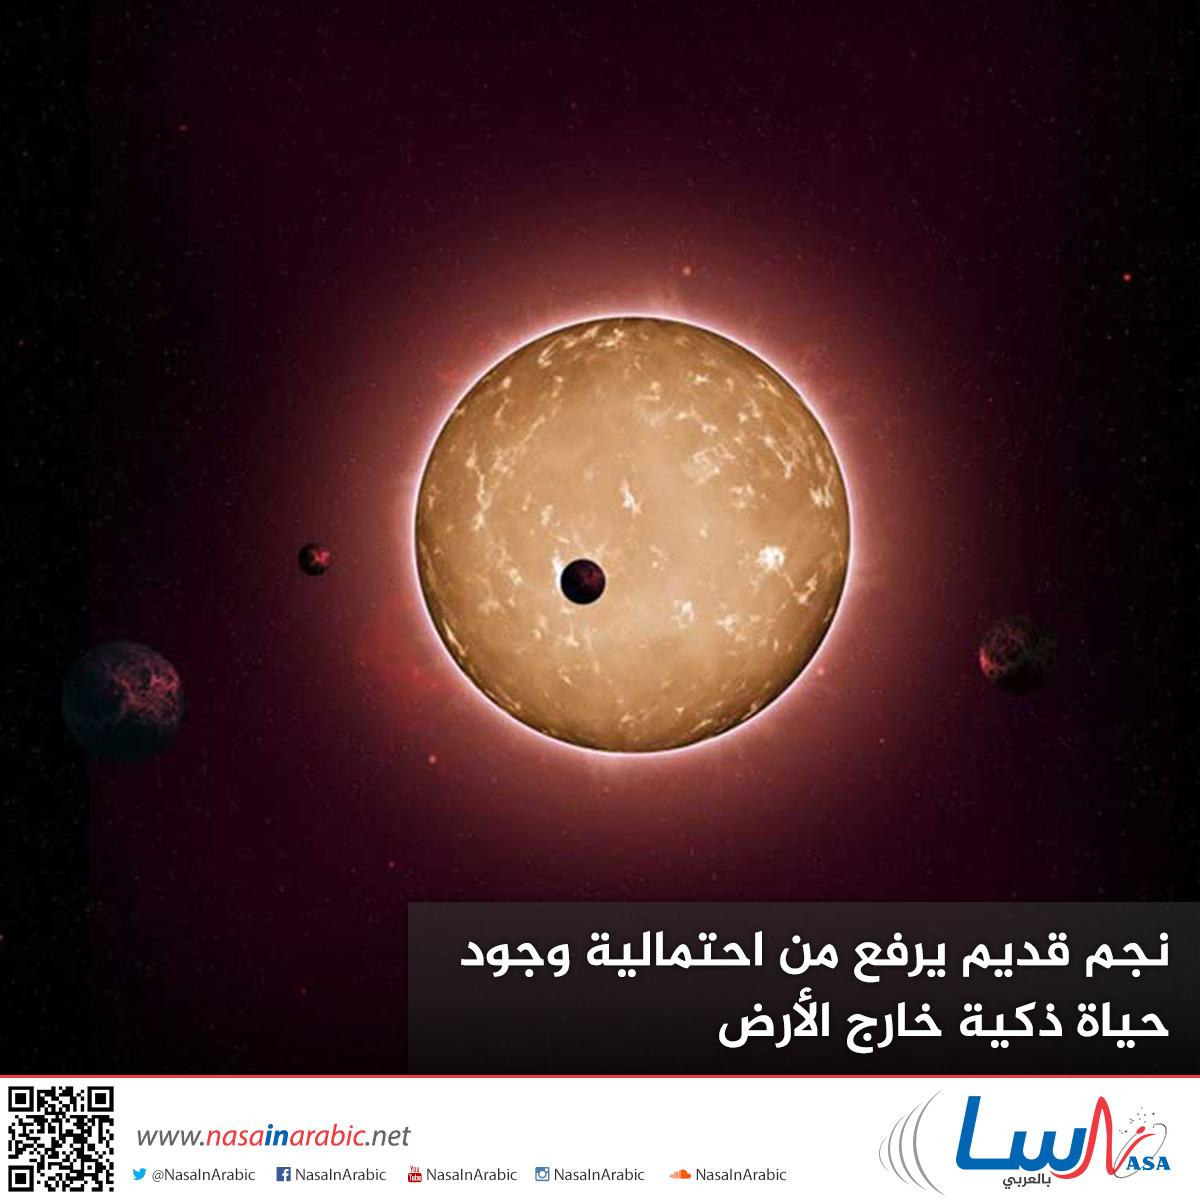 نجم قديم يرفع من احتمالية وجود حياة ذكية خارج الأرض